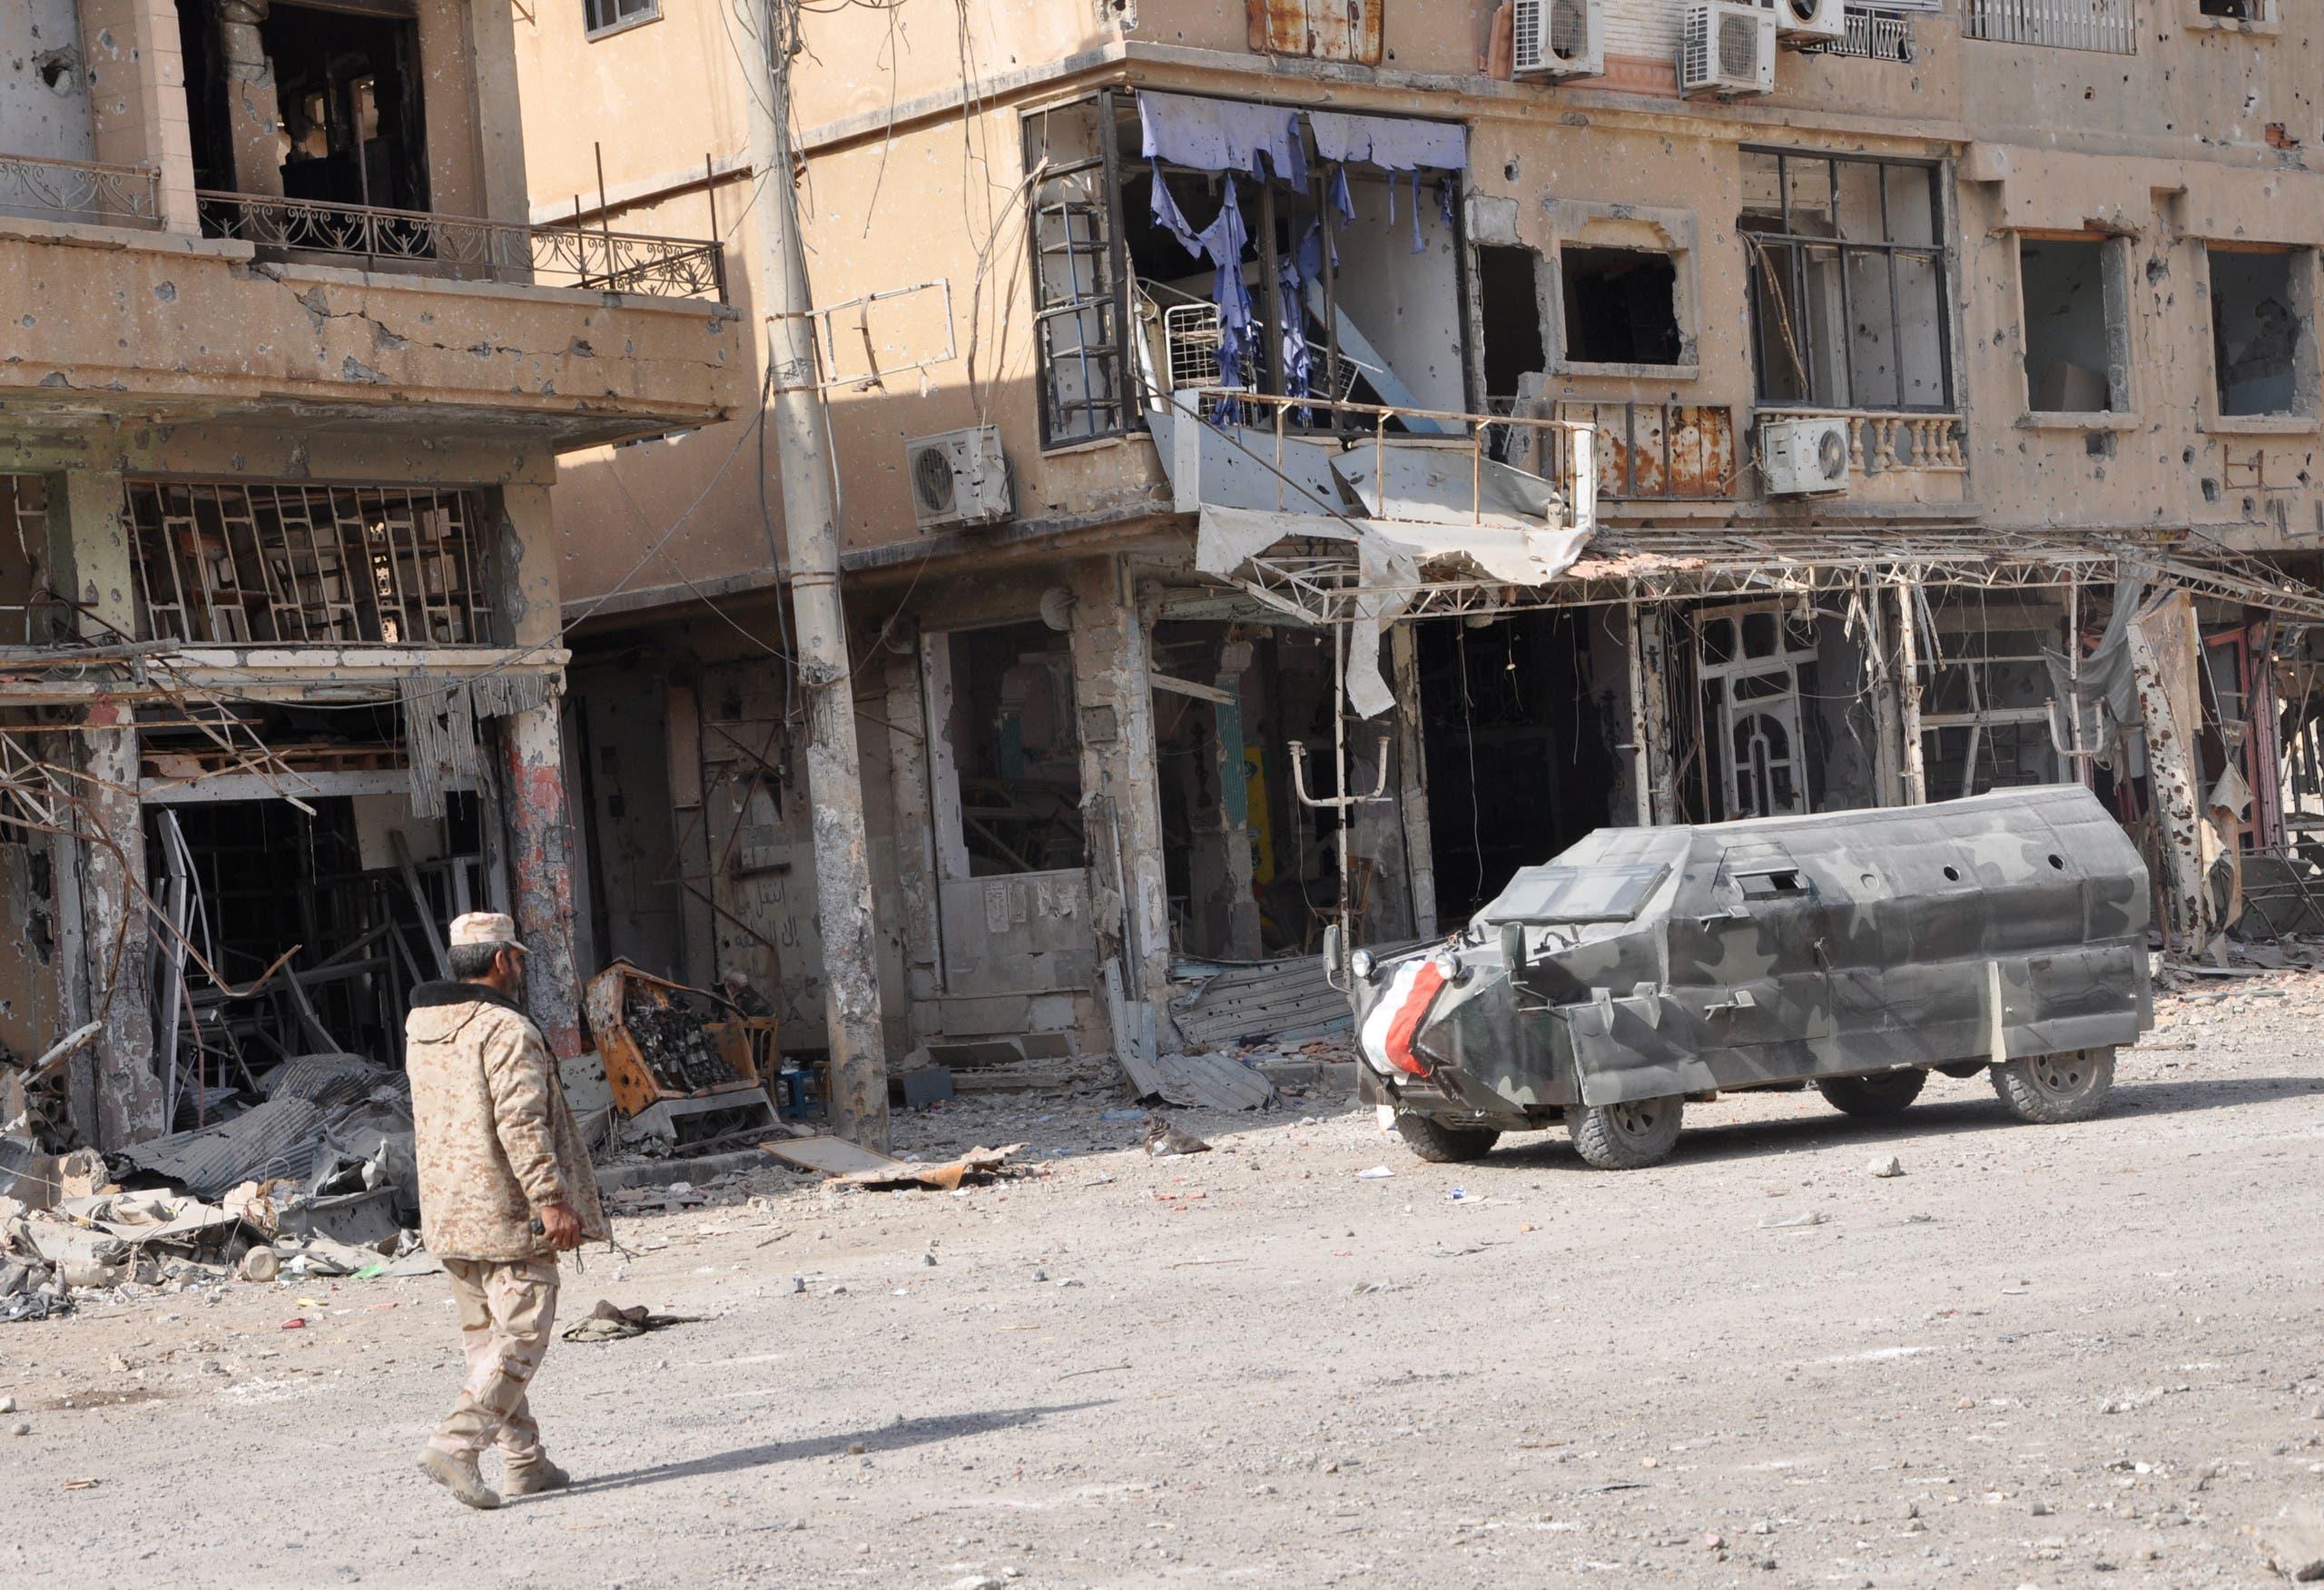 جندي من النظام السوري في منقطة من دير الزور خاضعة لسيطرة الأسد